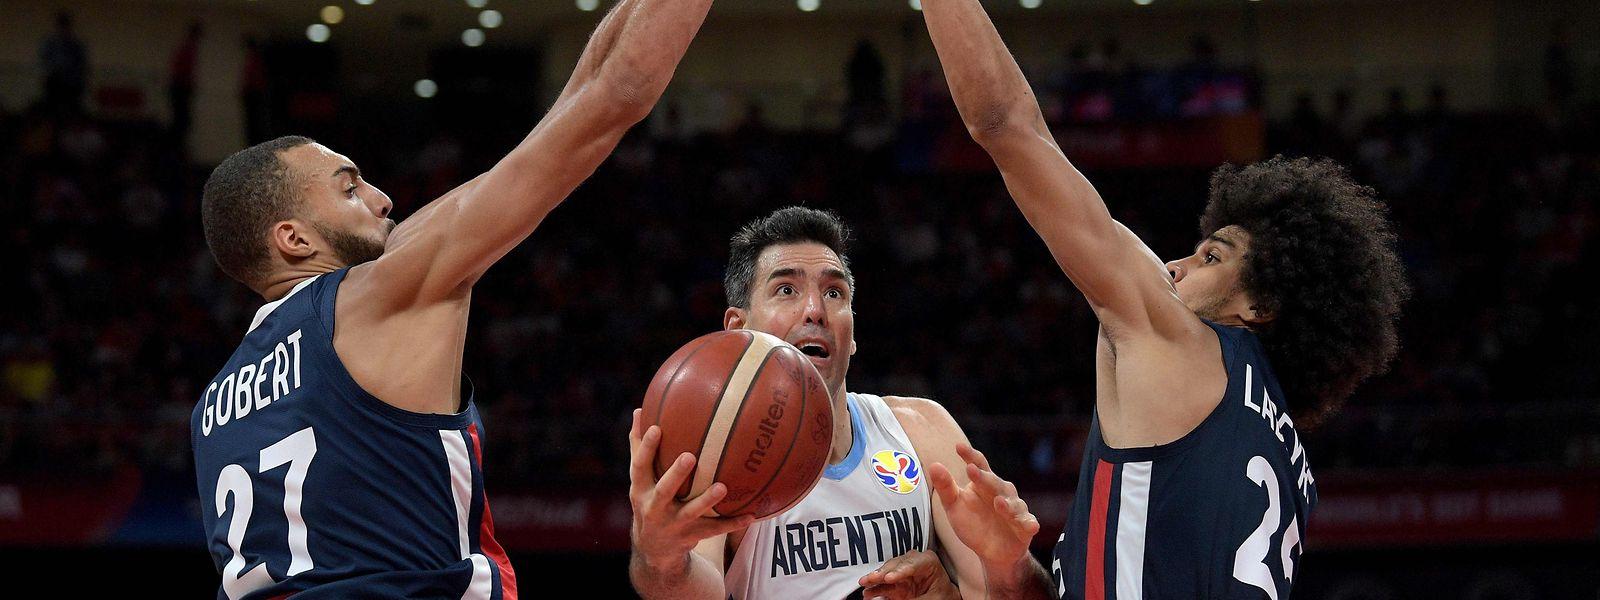 Luis Scola (M.) setzt sich mit Argentinien gegen Rudy Gobert (l.) und Louis Labeyrie durch.